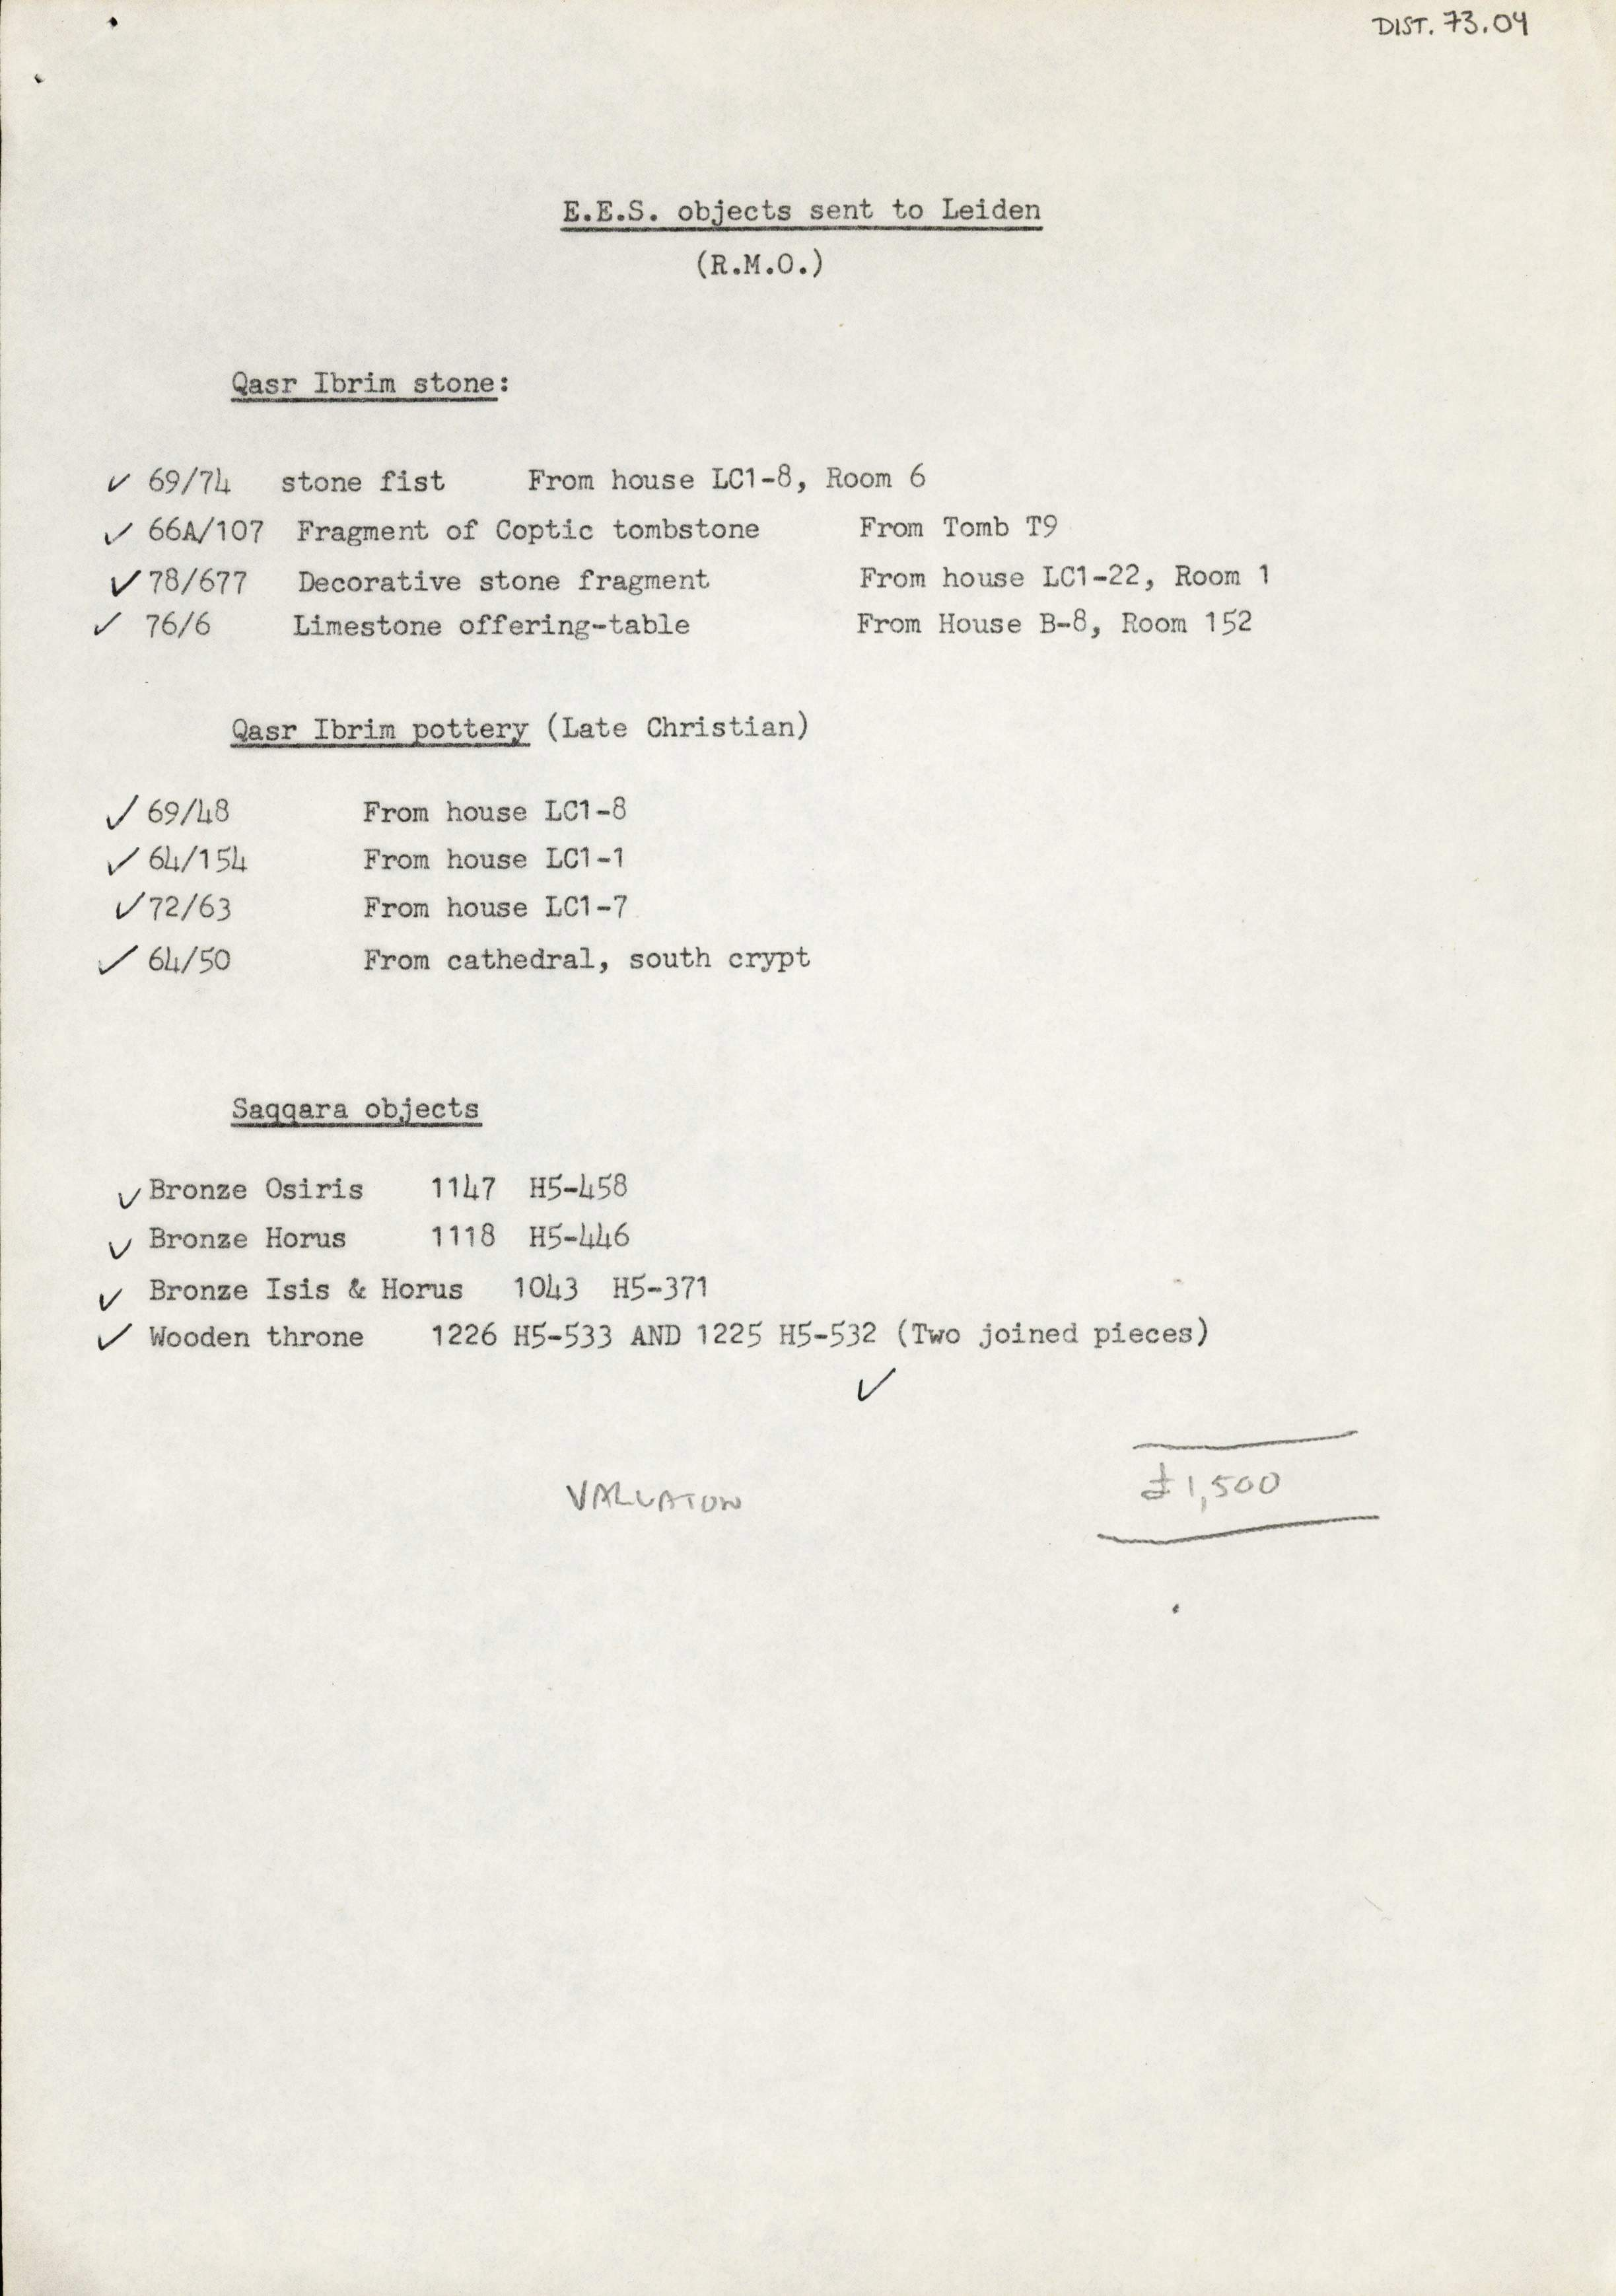 1979-84 Qasr Ibrim, Saqqara and Amarna DIST.73.04